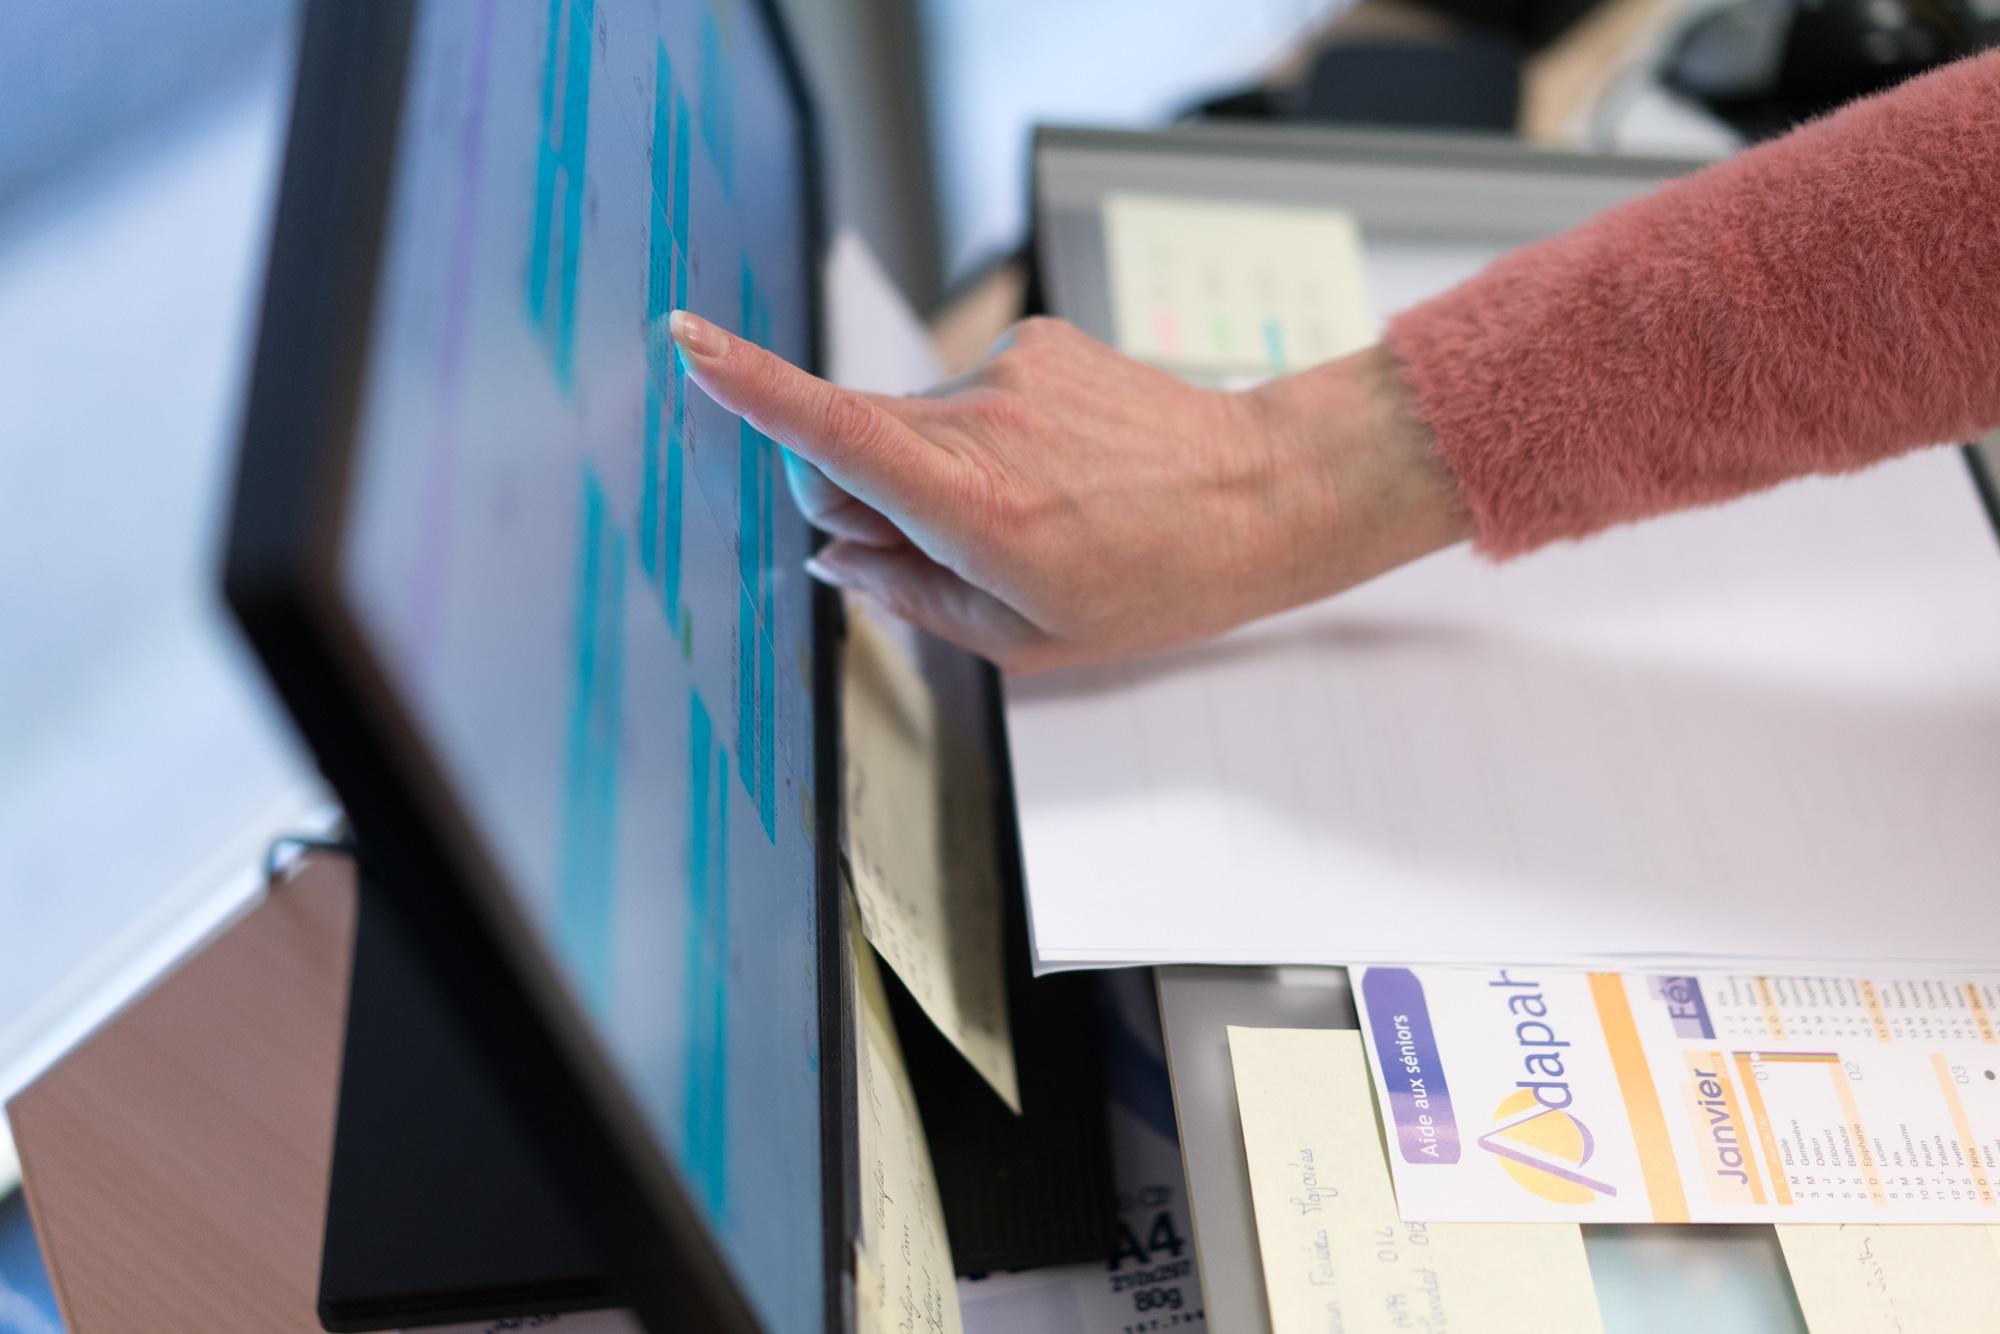 La main de Patricia touche son écran d'ordinateur, désignant un calendrier